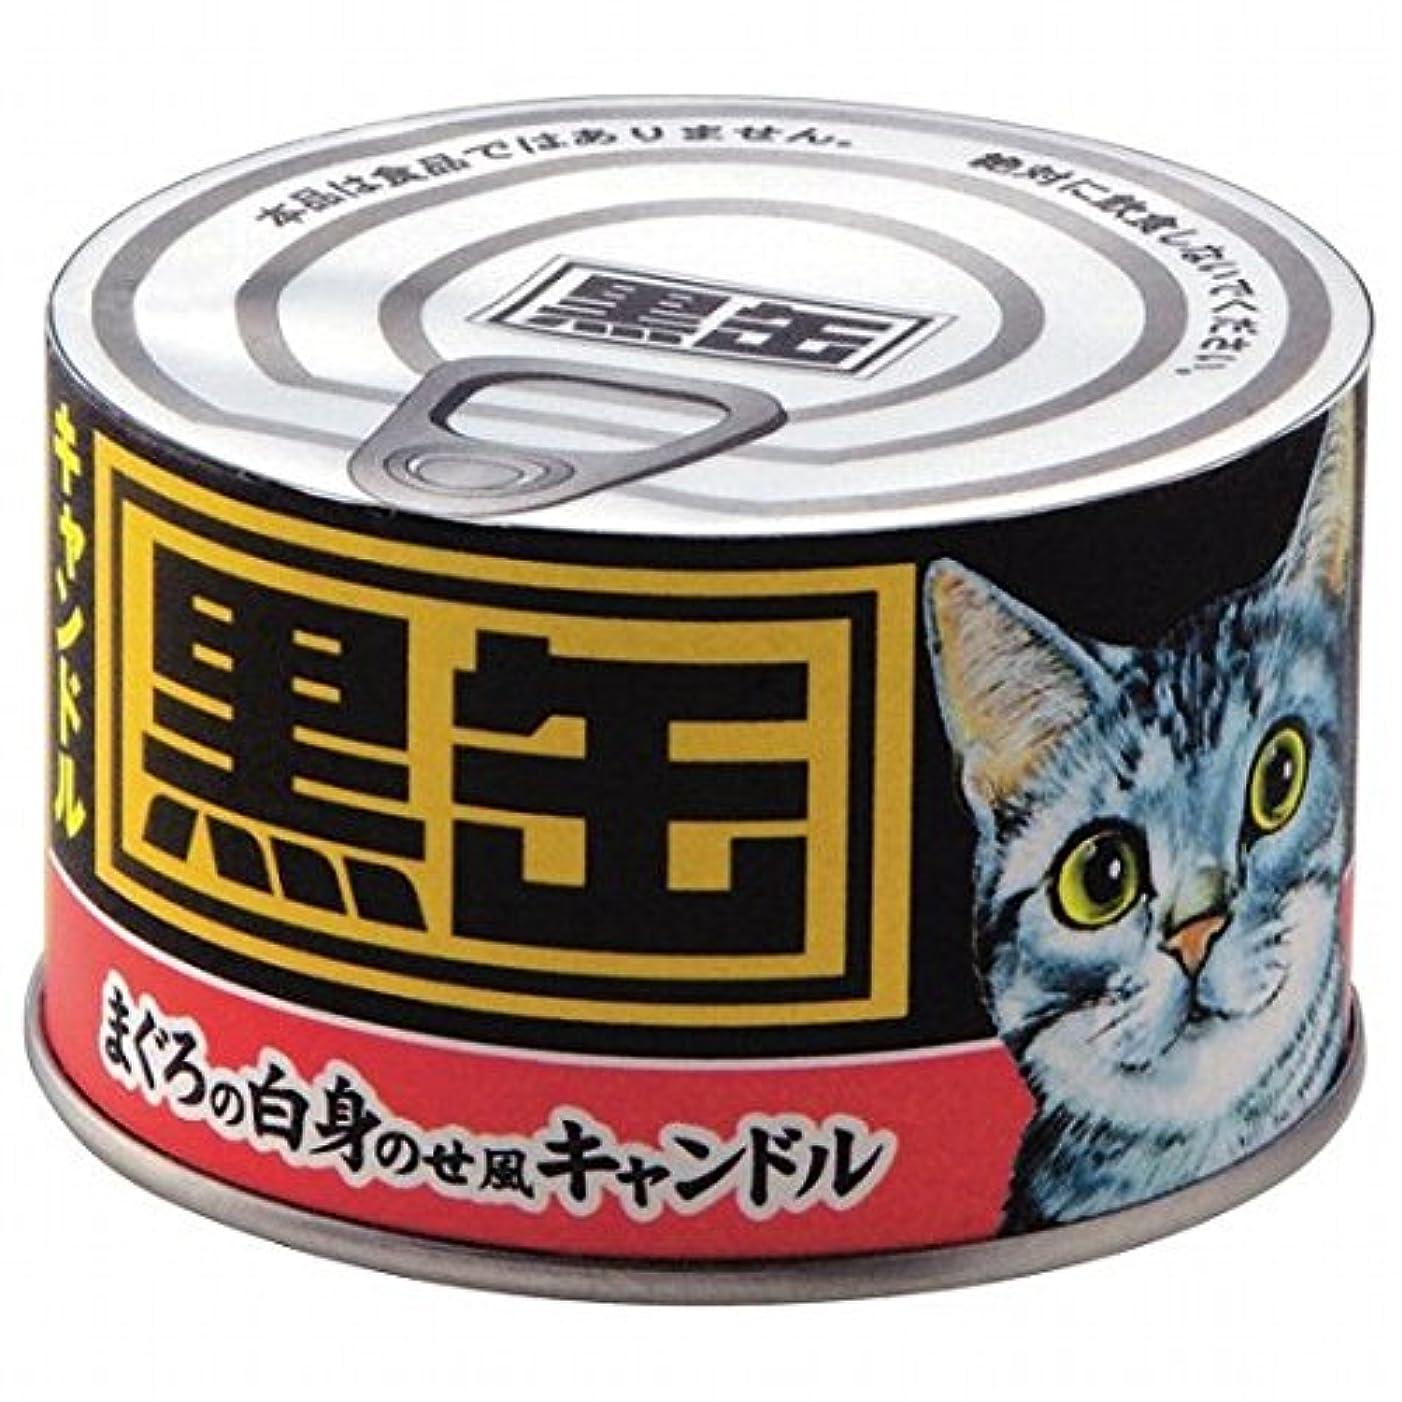 カメヤマキャンドル( kameyama candle ) 黒缶キャンドル